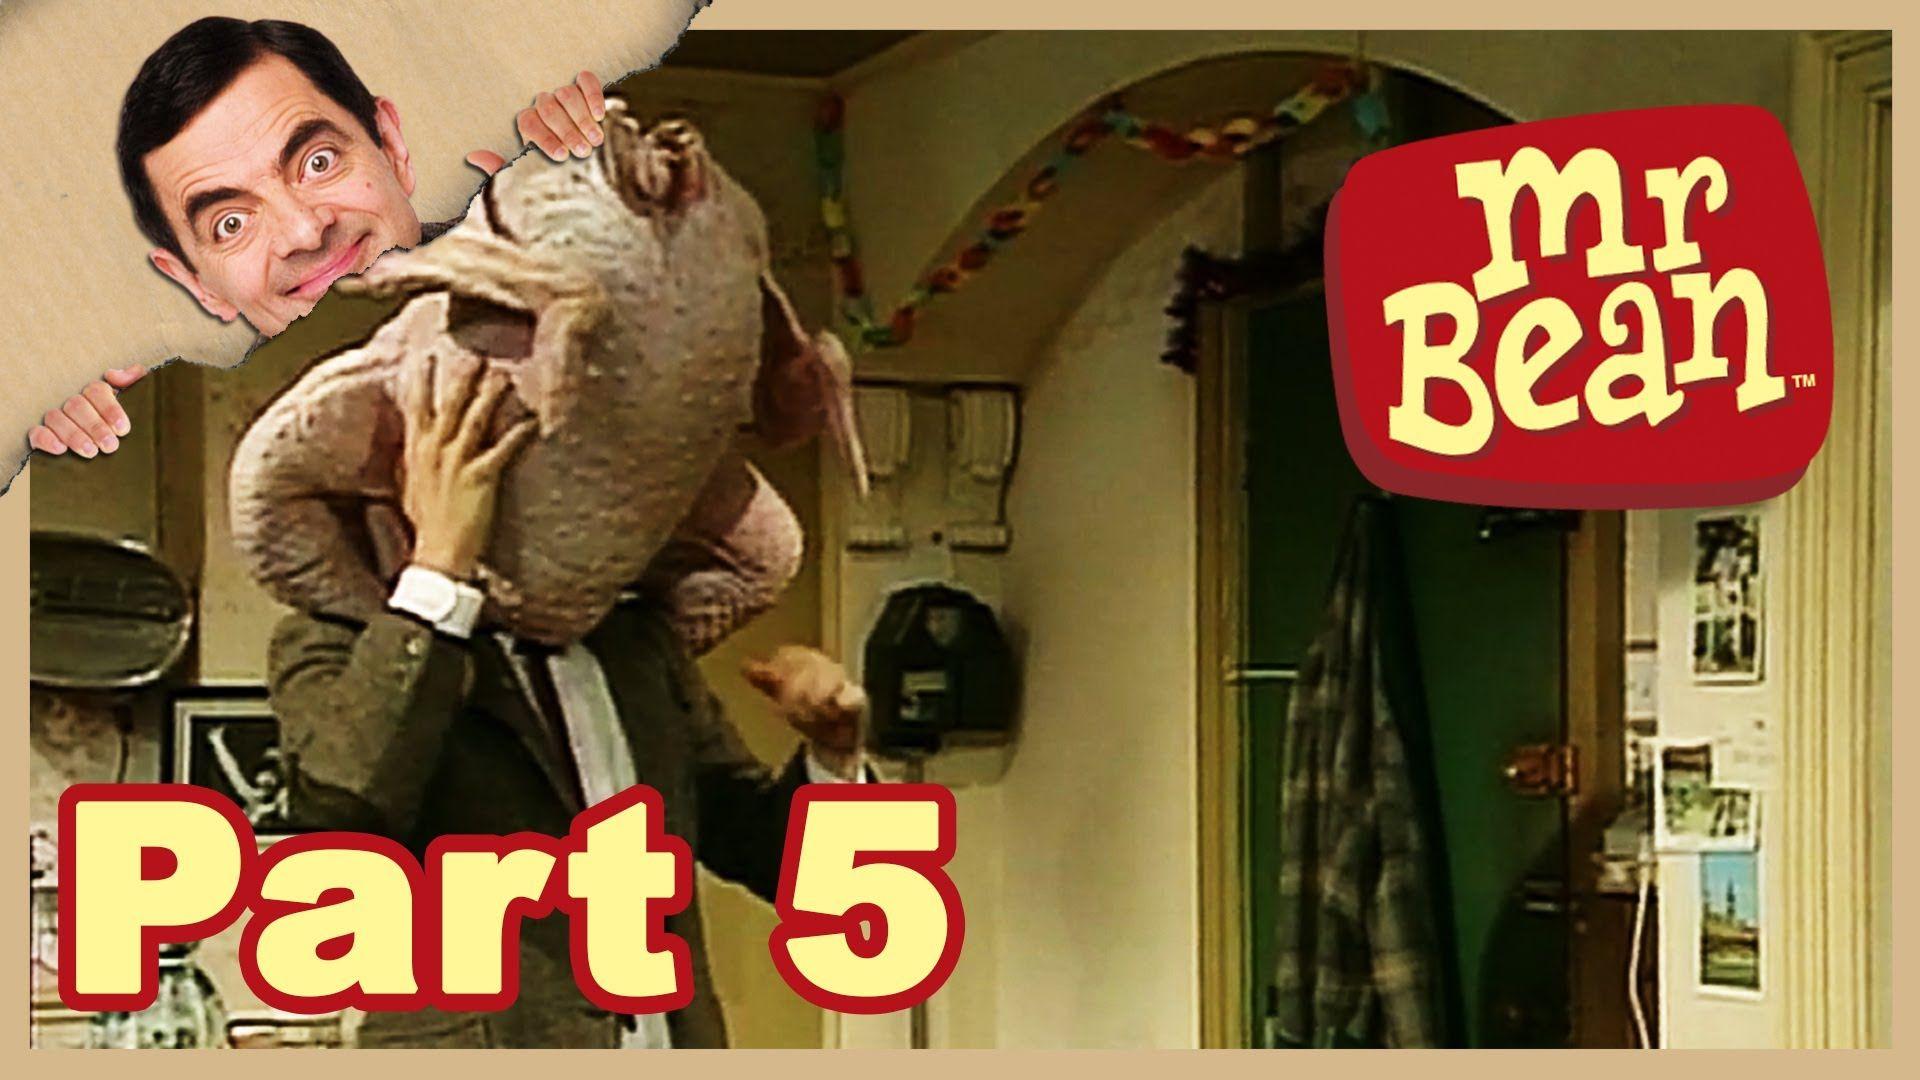 mr bean episode 7 merry christmas mr bean part 55 - Merry Christmas Mr Bean